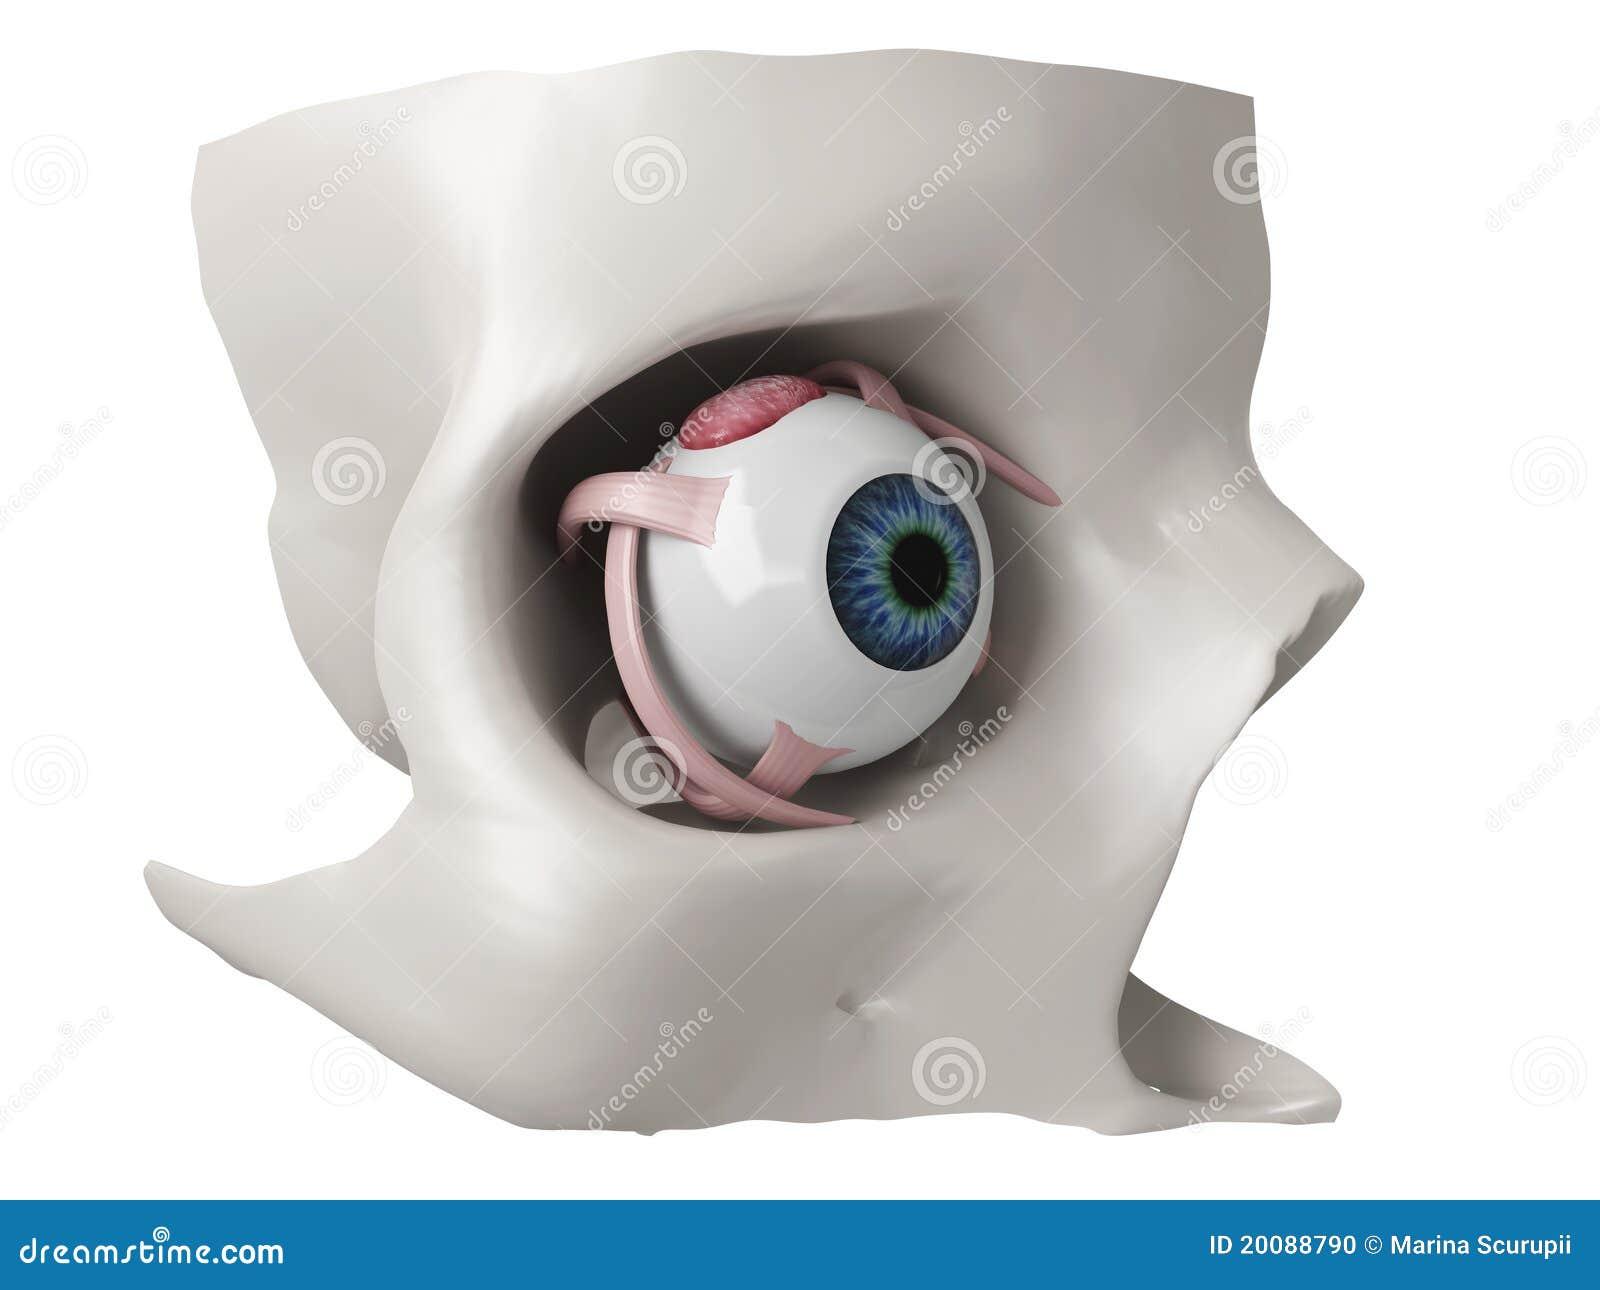 Berühmt 3d Auge Anatomie Fotos - Menschliche Anatomie Bilder ...